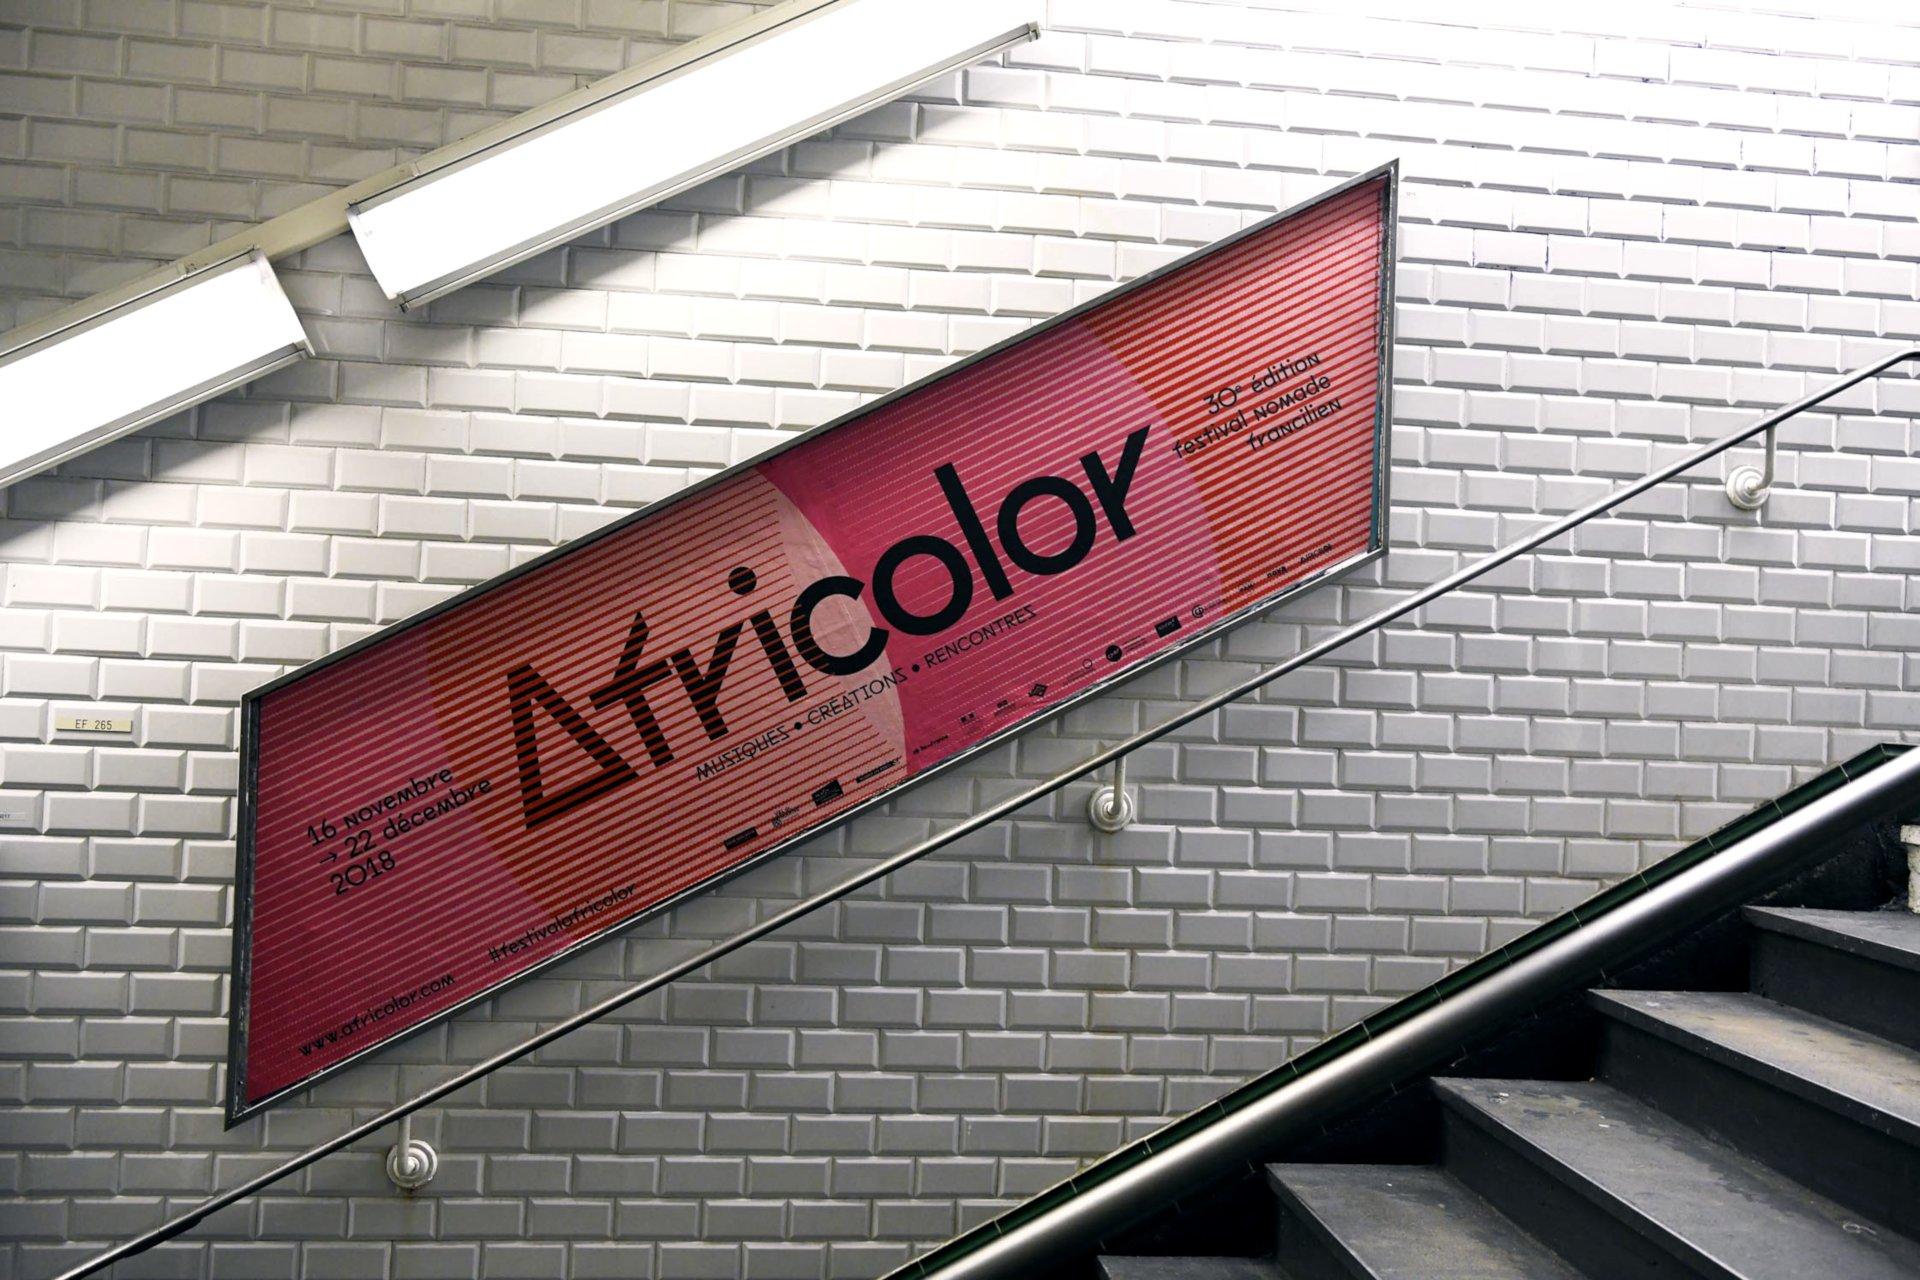 Affichage dans le métro parisien sur le réseau des rampes pour le Festival Africolor